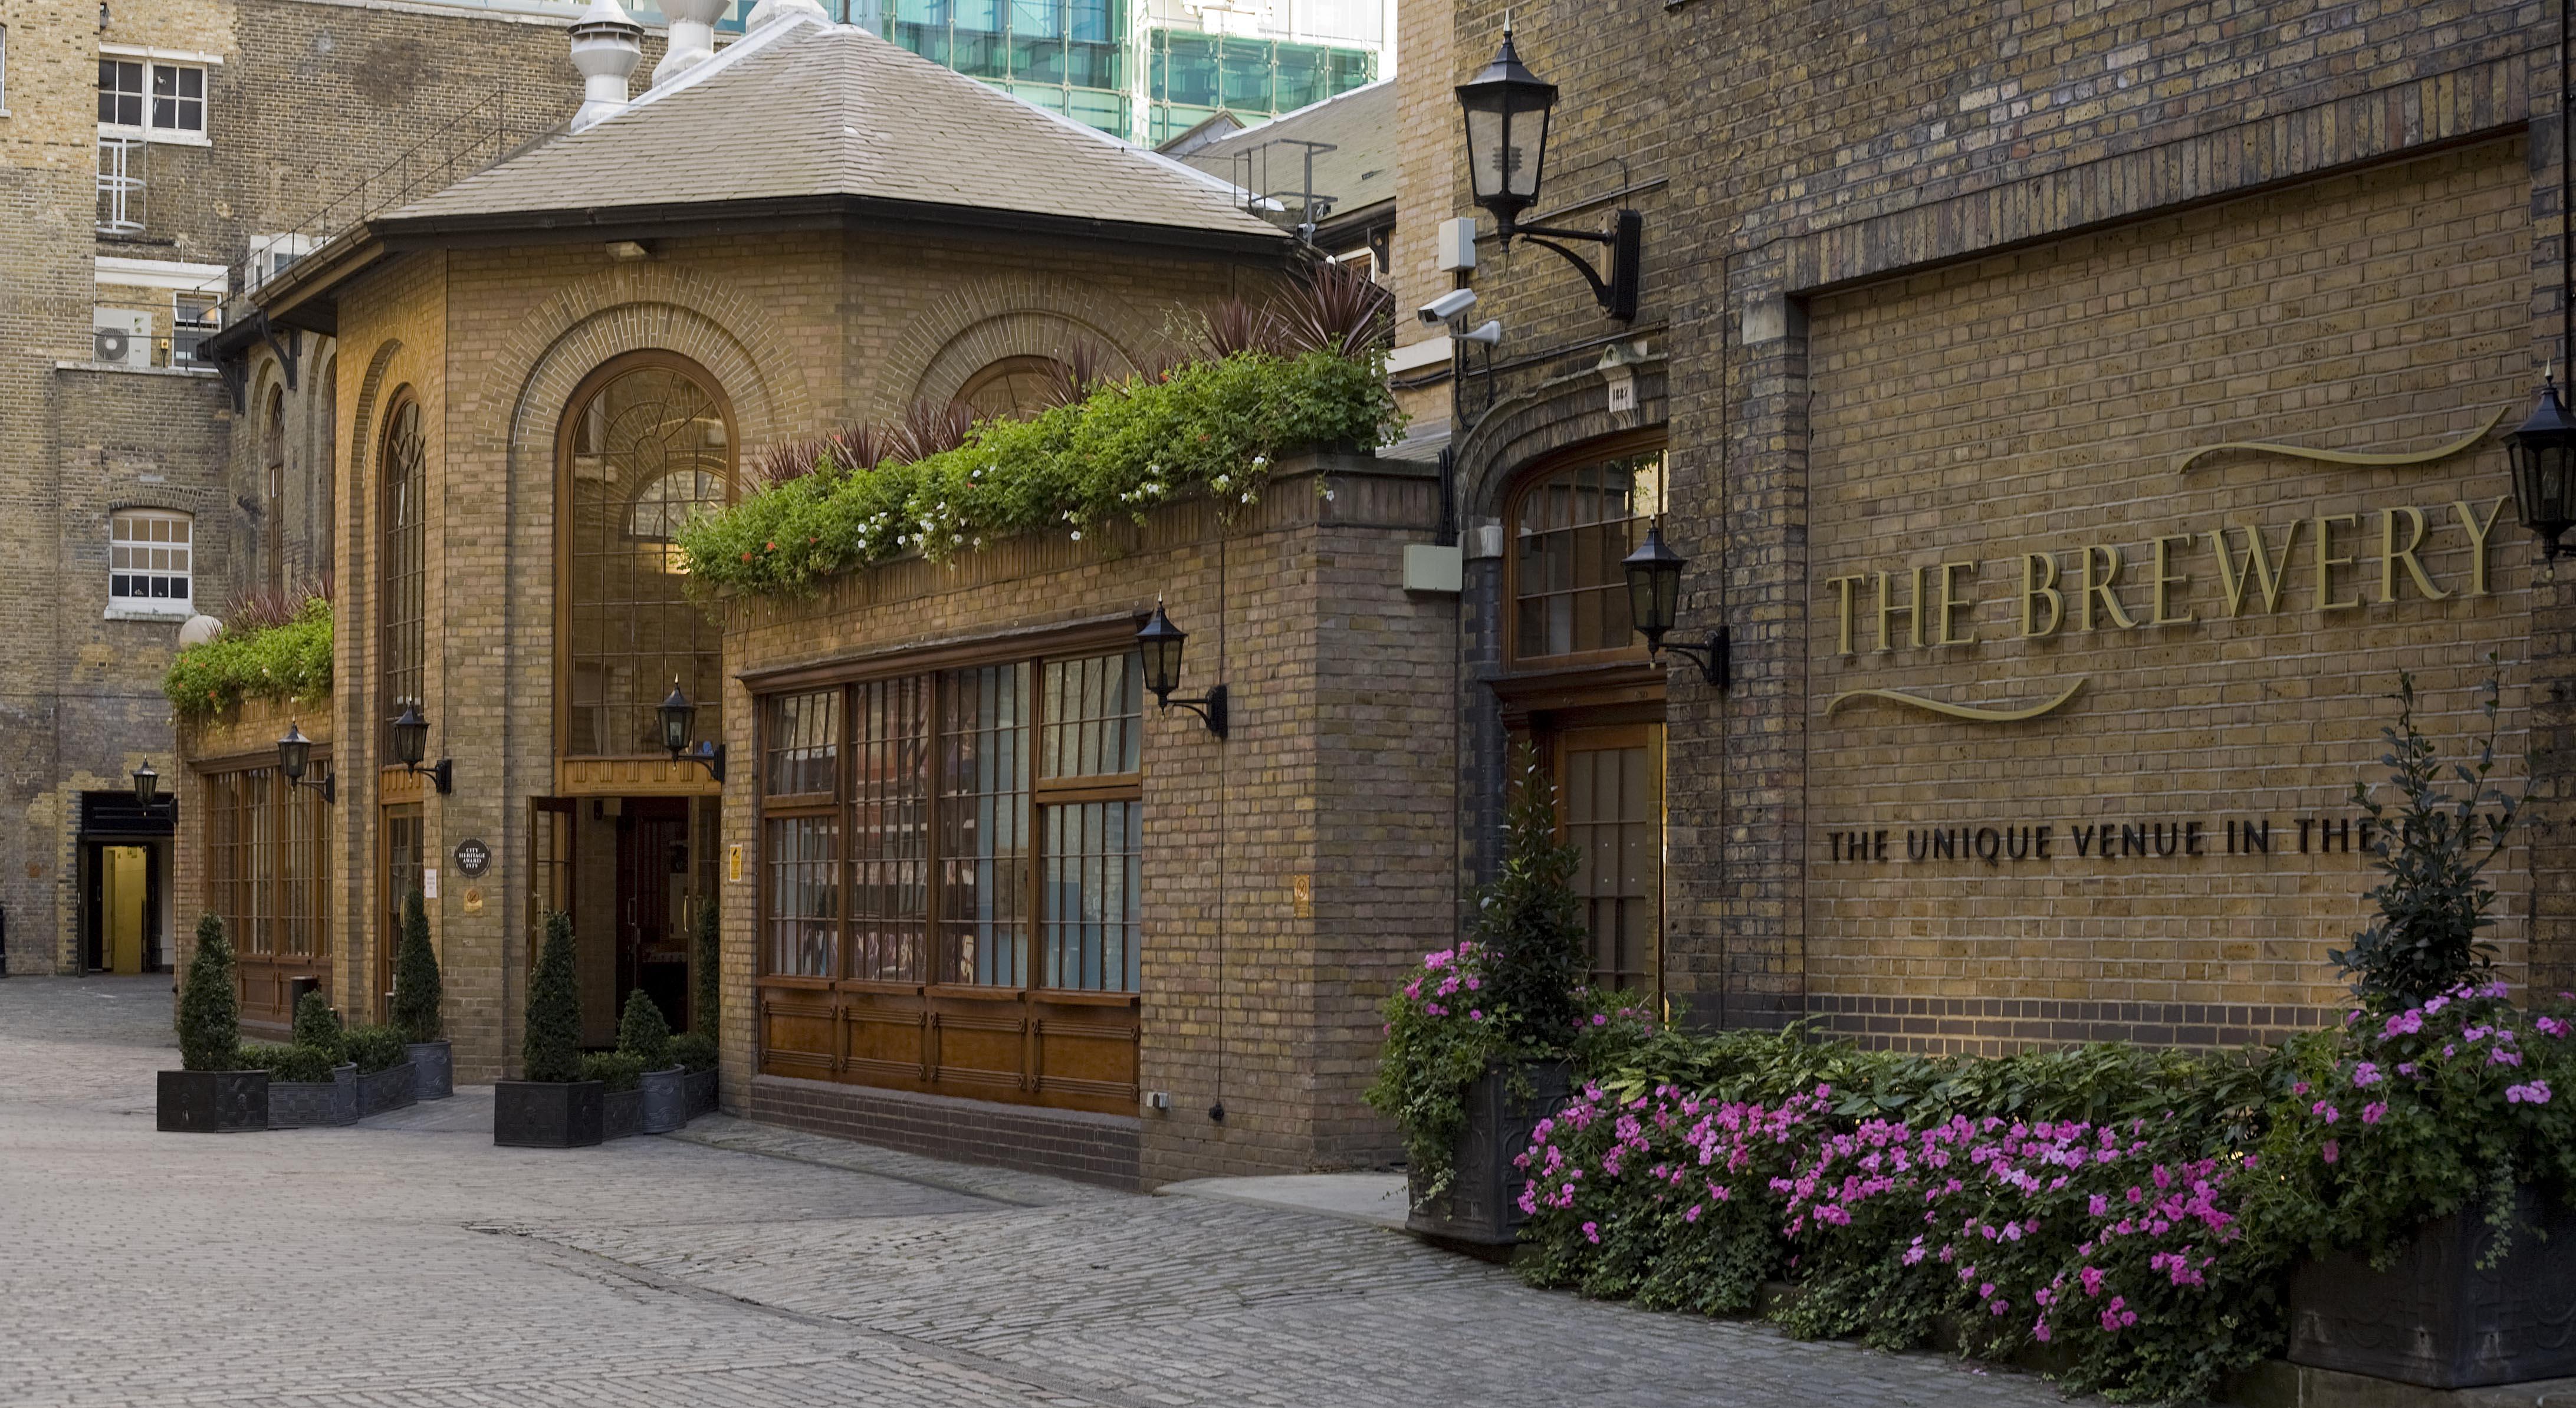 伝統溢れるビール醸造所を改装して再建築された「ザ・モントカーム・アット・ブルワリー・ロンドンシティ」